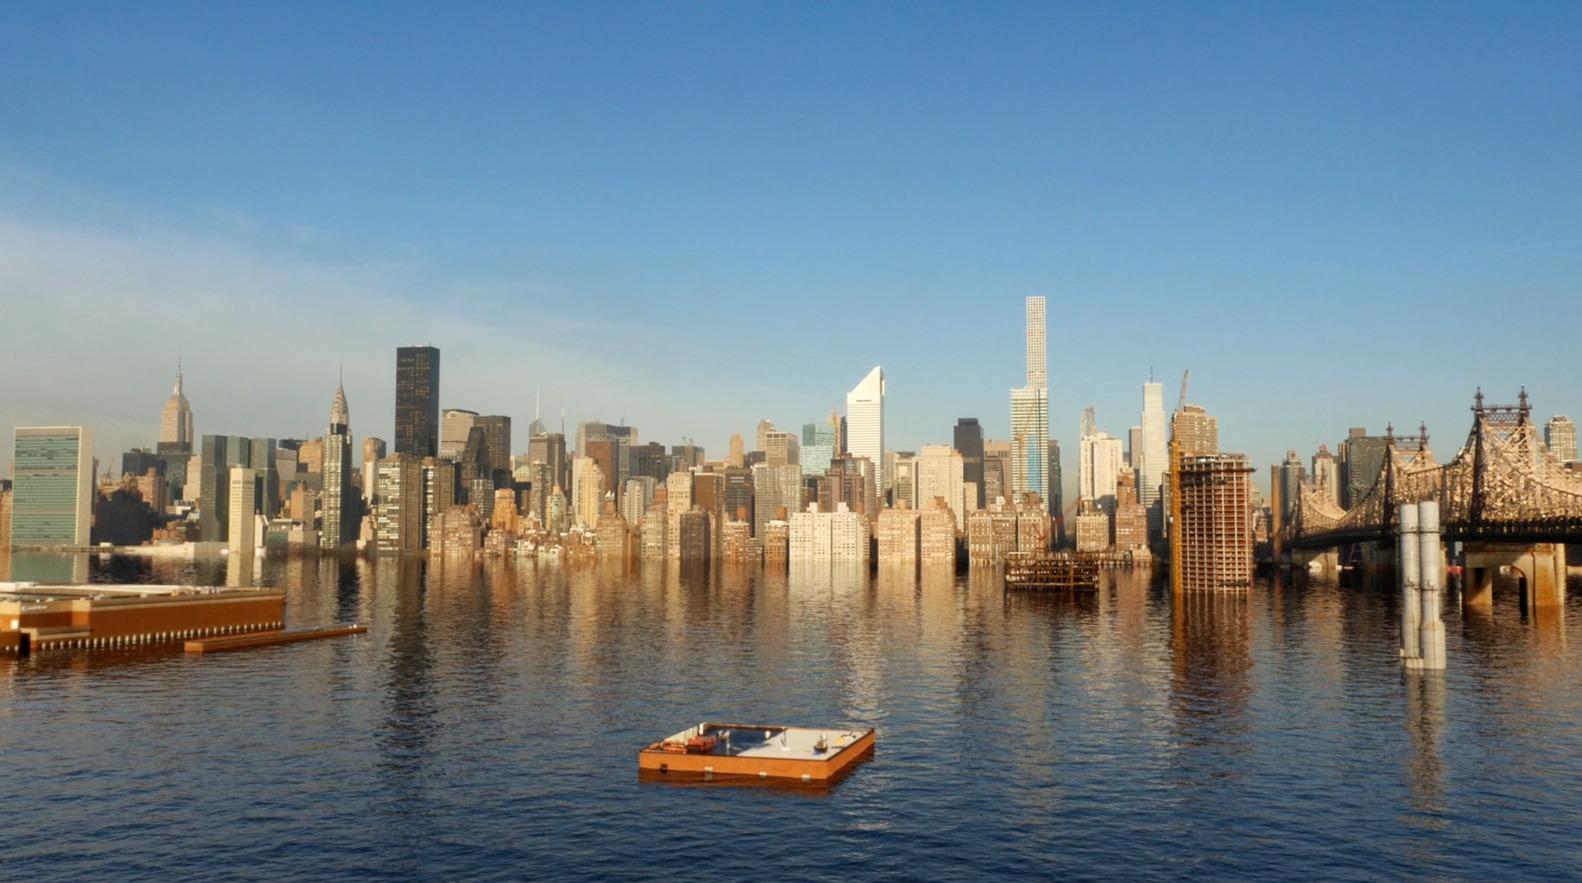 Nova Iorque submersa: vídeo mostra as consequências de um aumento de 2°C na temperatura global,Cortesia de Menilmonde via screenshot do vídeo